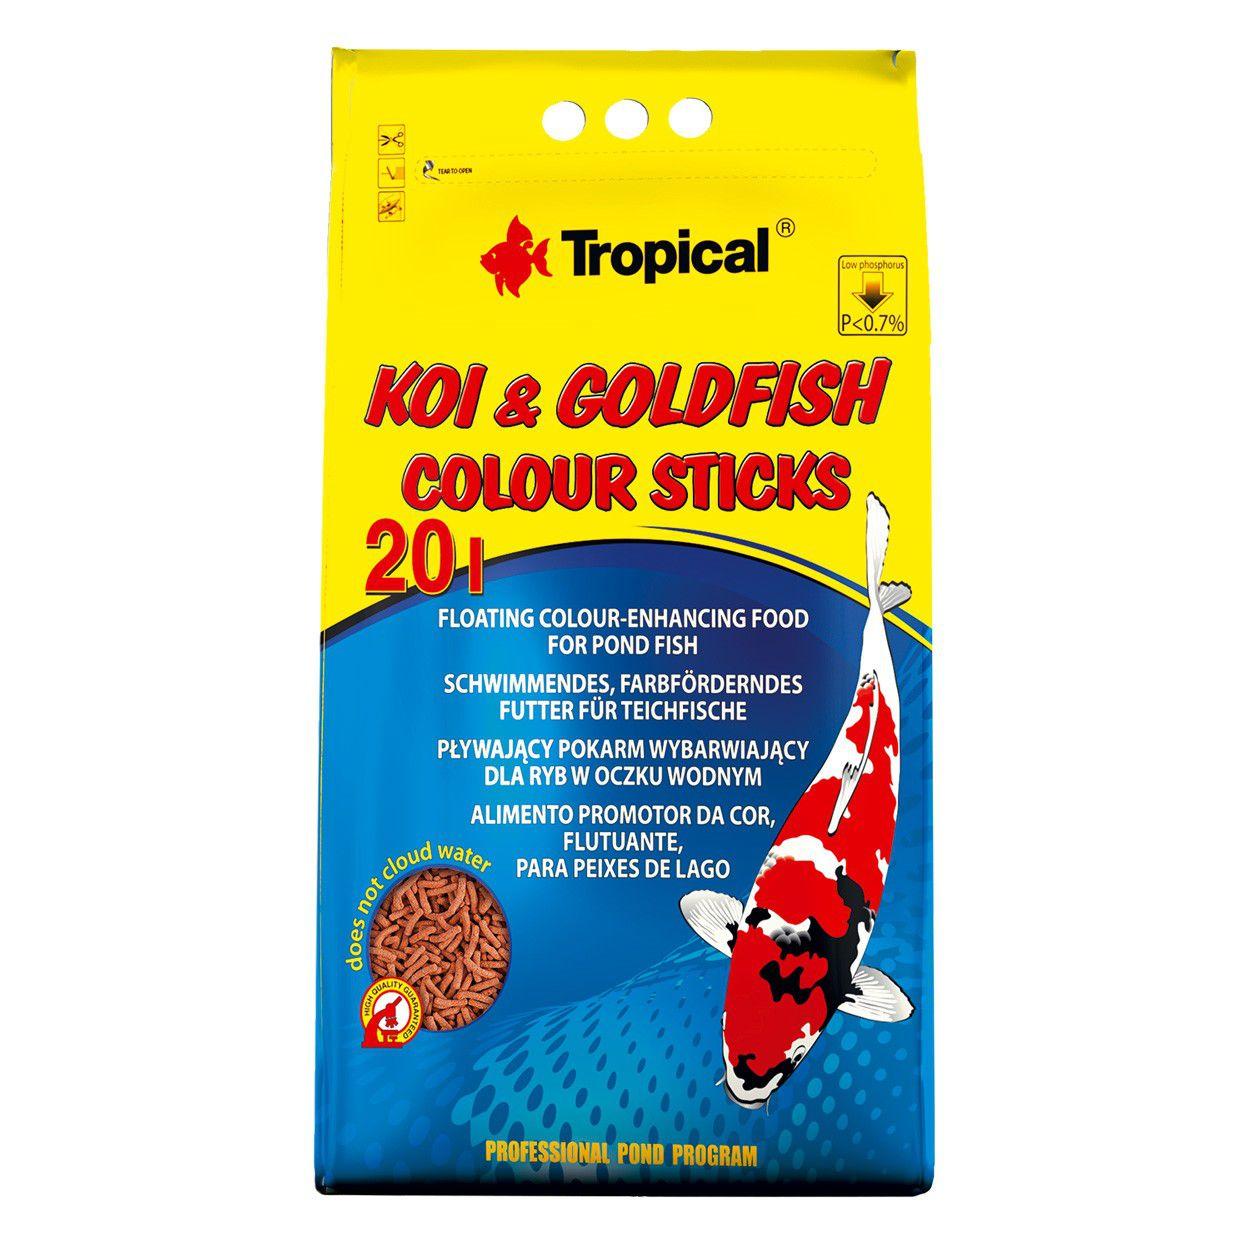 Tropical Ração Koi Goldfish Colour Sticks 1,6kg P/peixes Bag